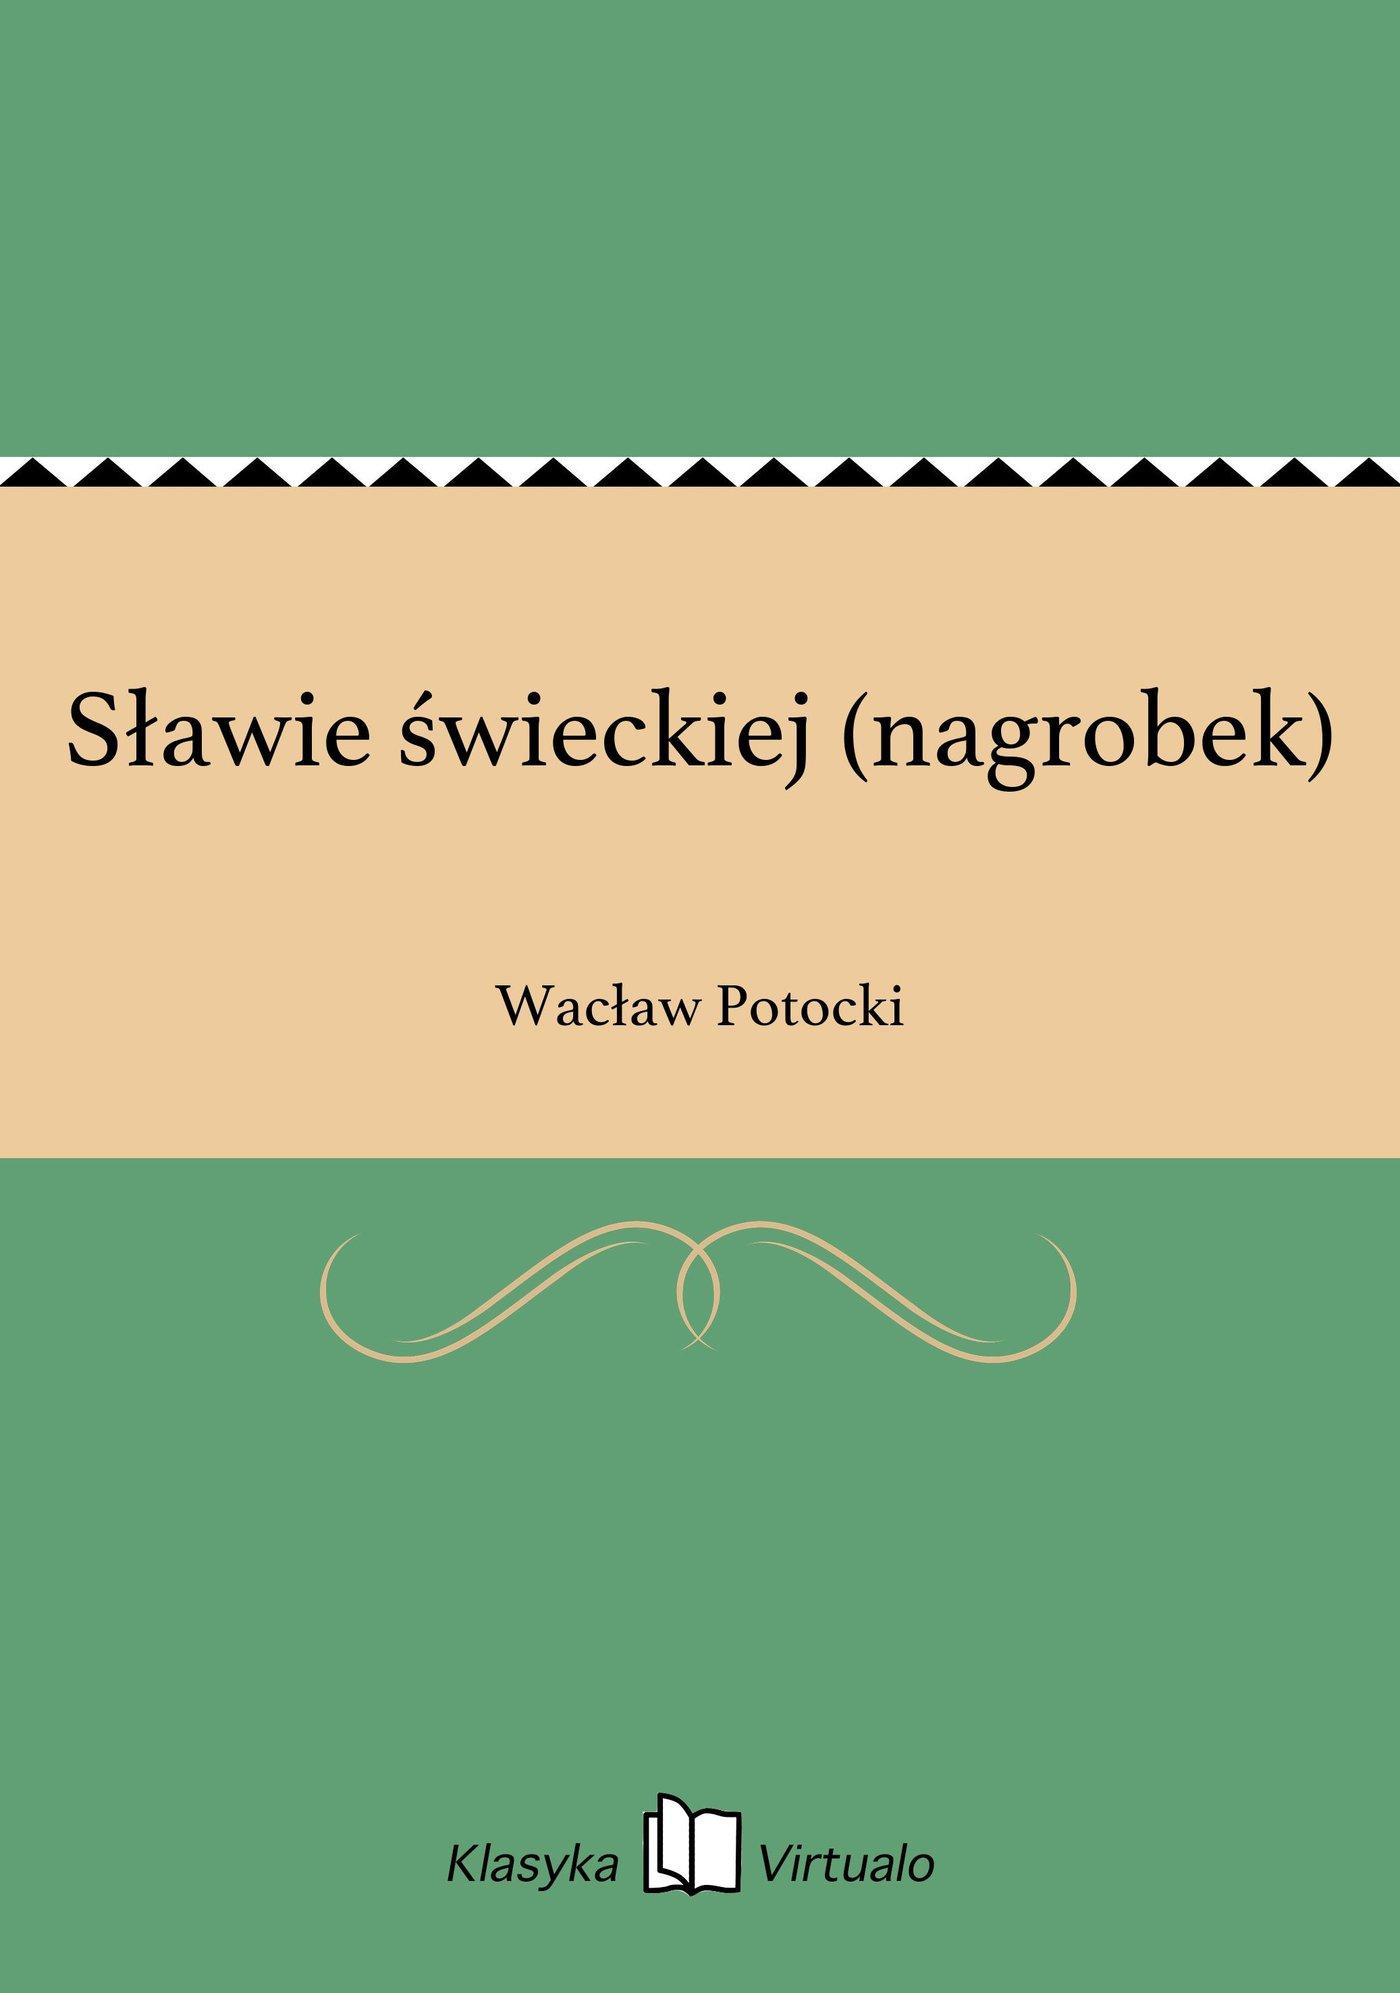 Sławie świeckiej (nagrobek) - Ebook (Książka EPUB) do pobrania w formacie EPUB